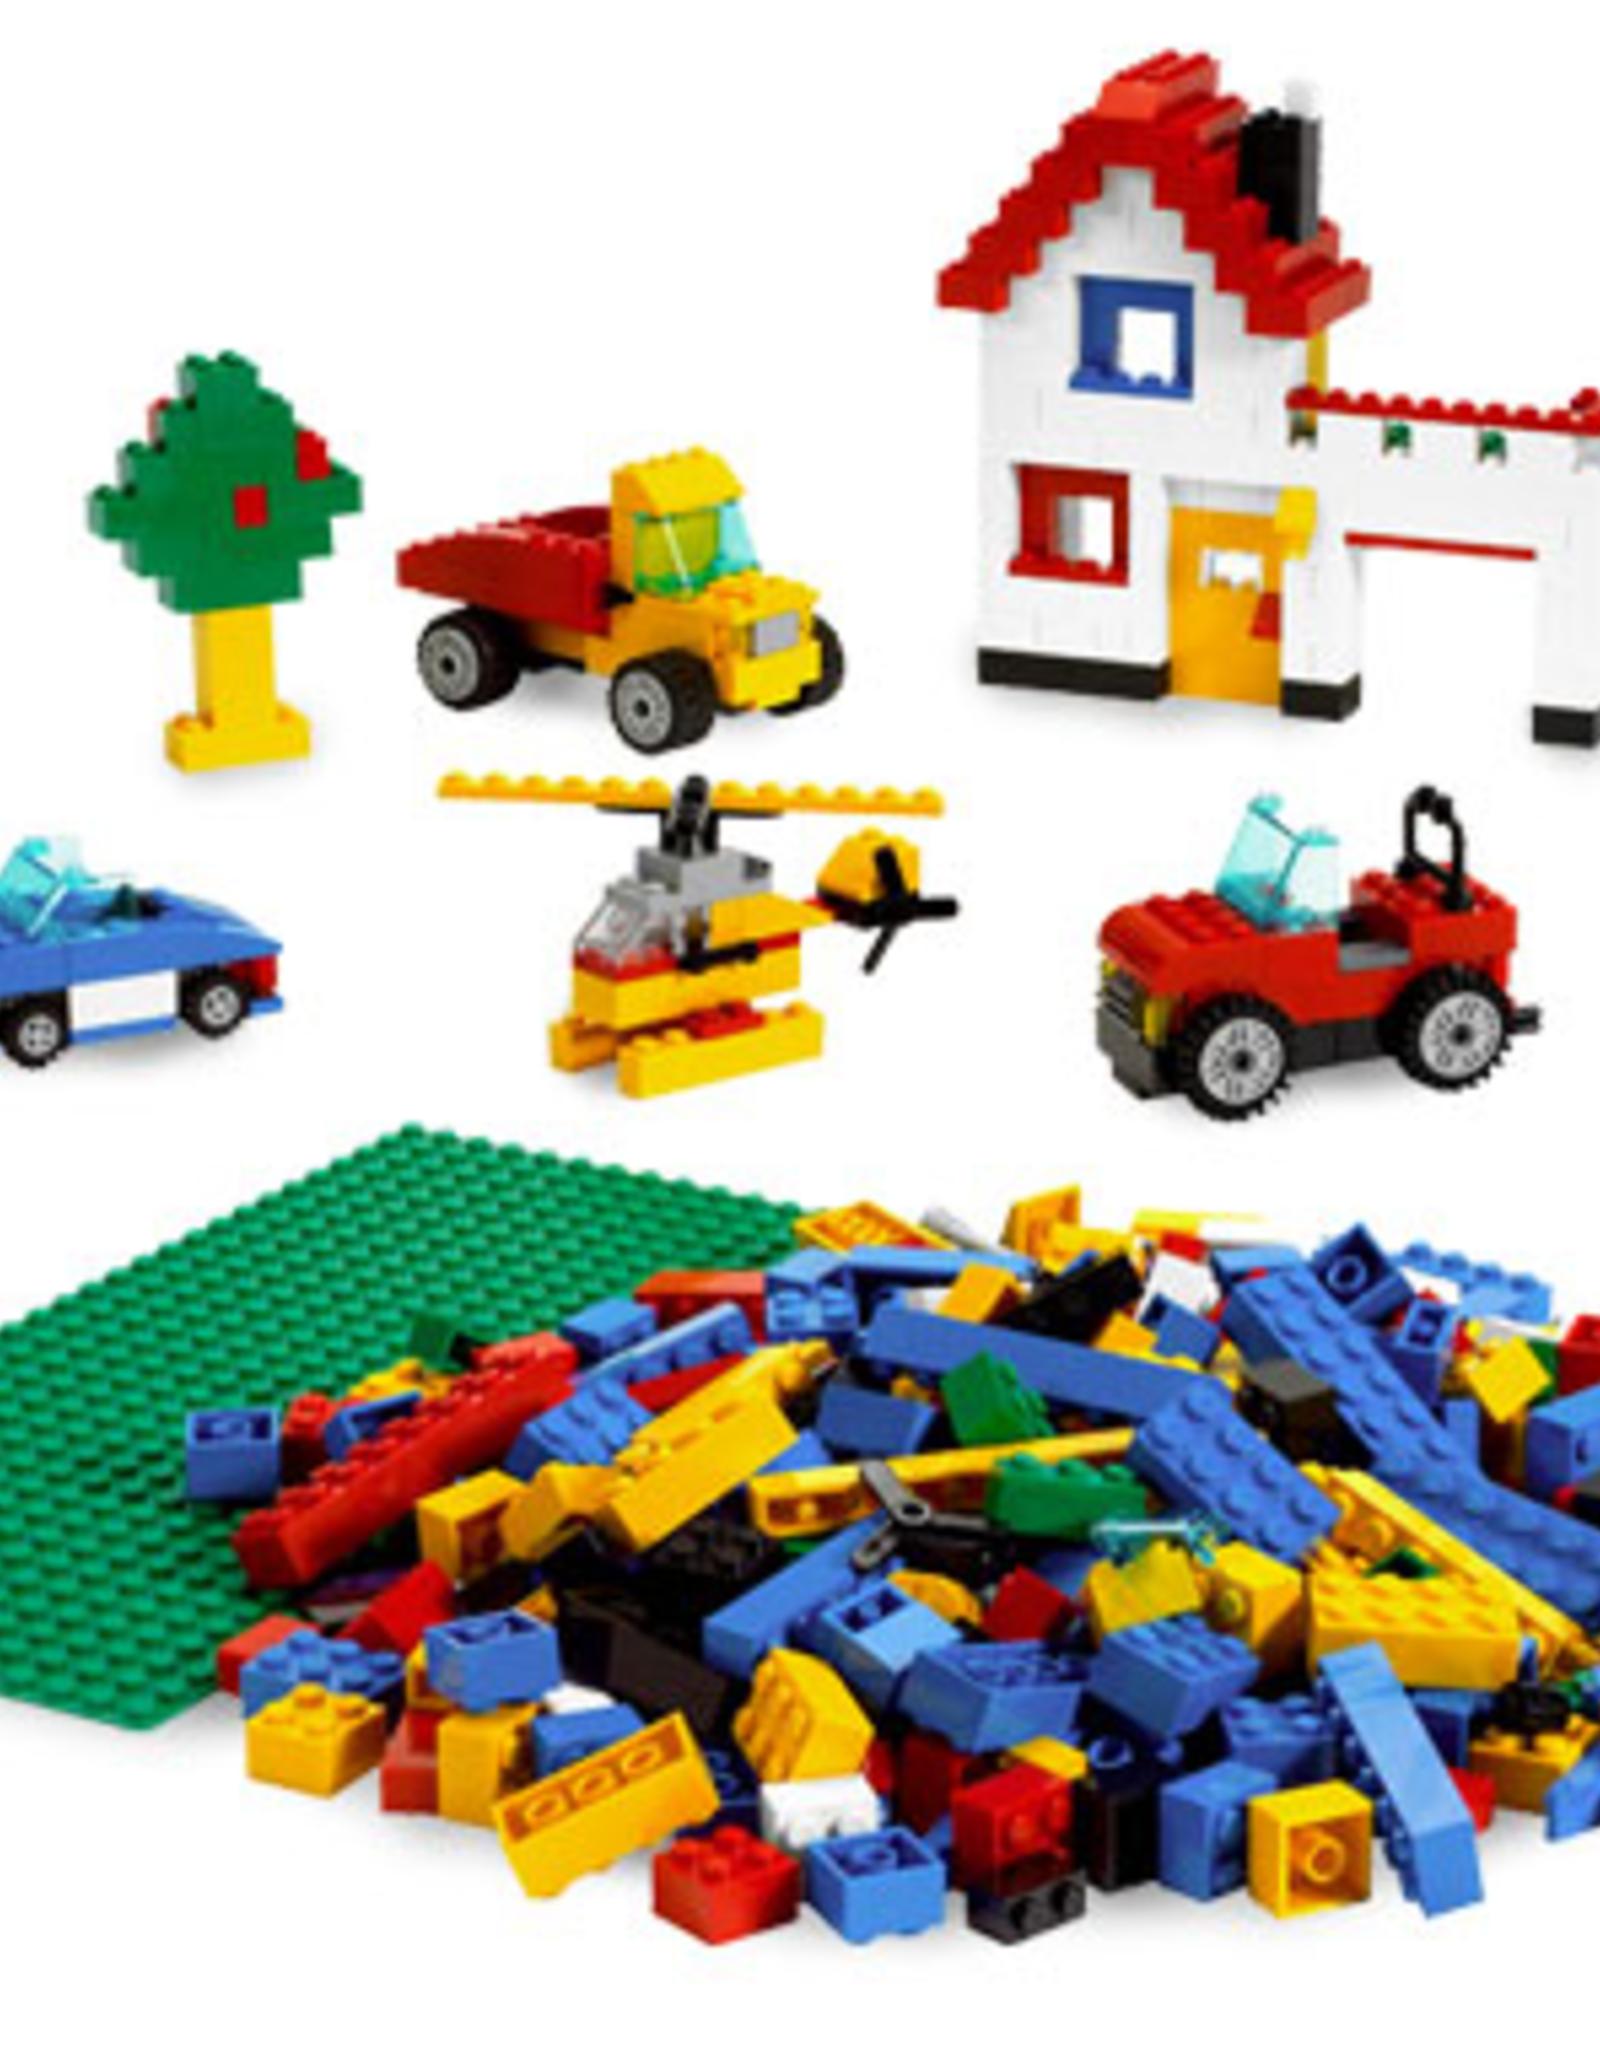 LEGO LEGO 5584 Fun With Wheels JUNIOR CREATOR